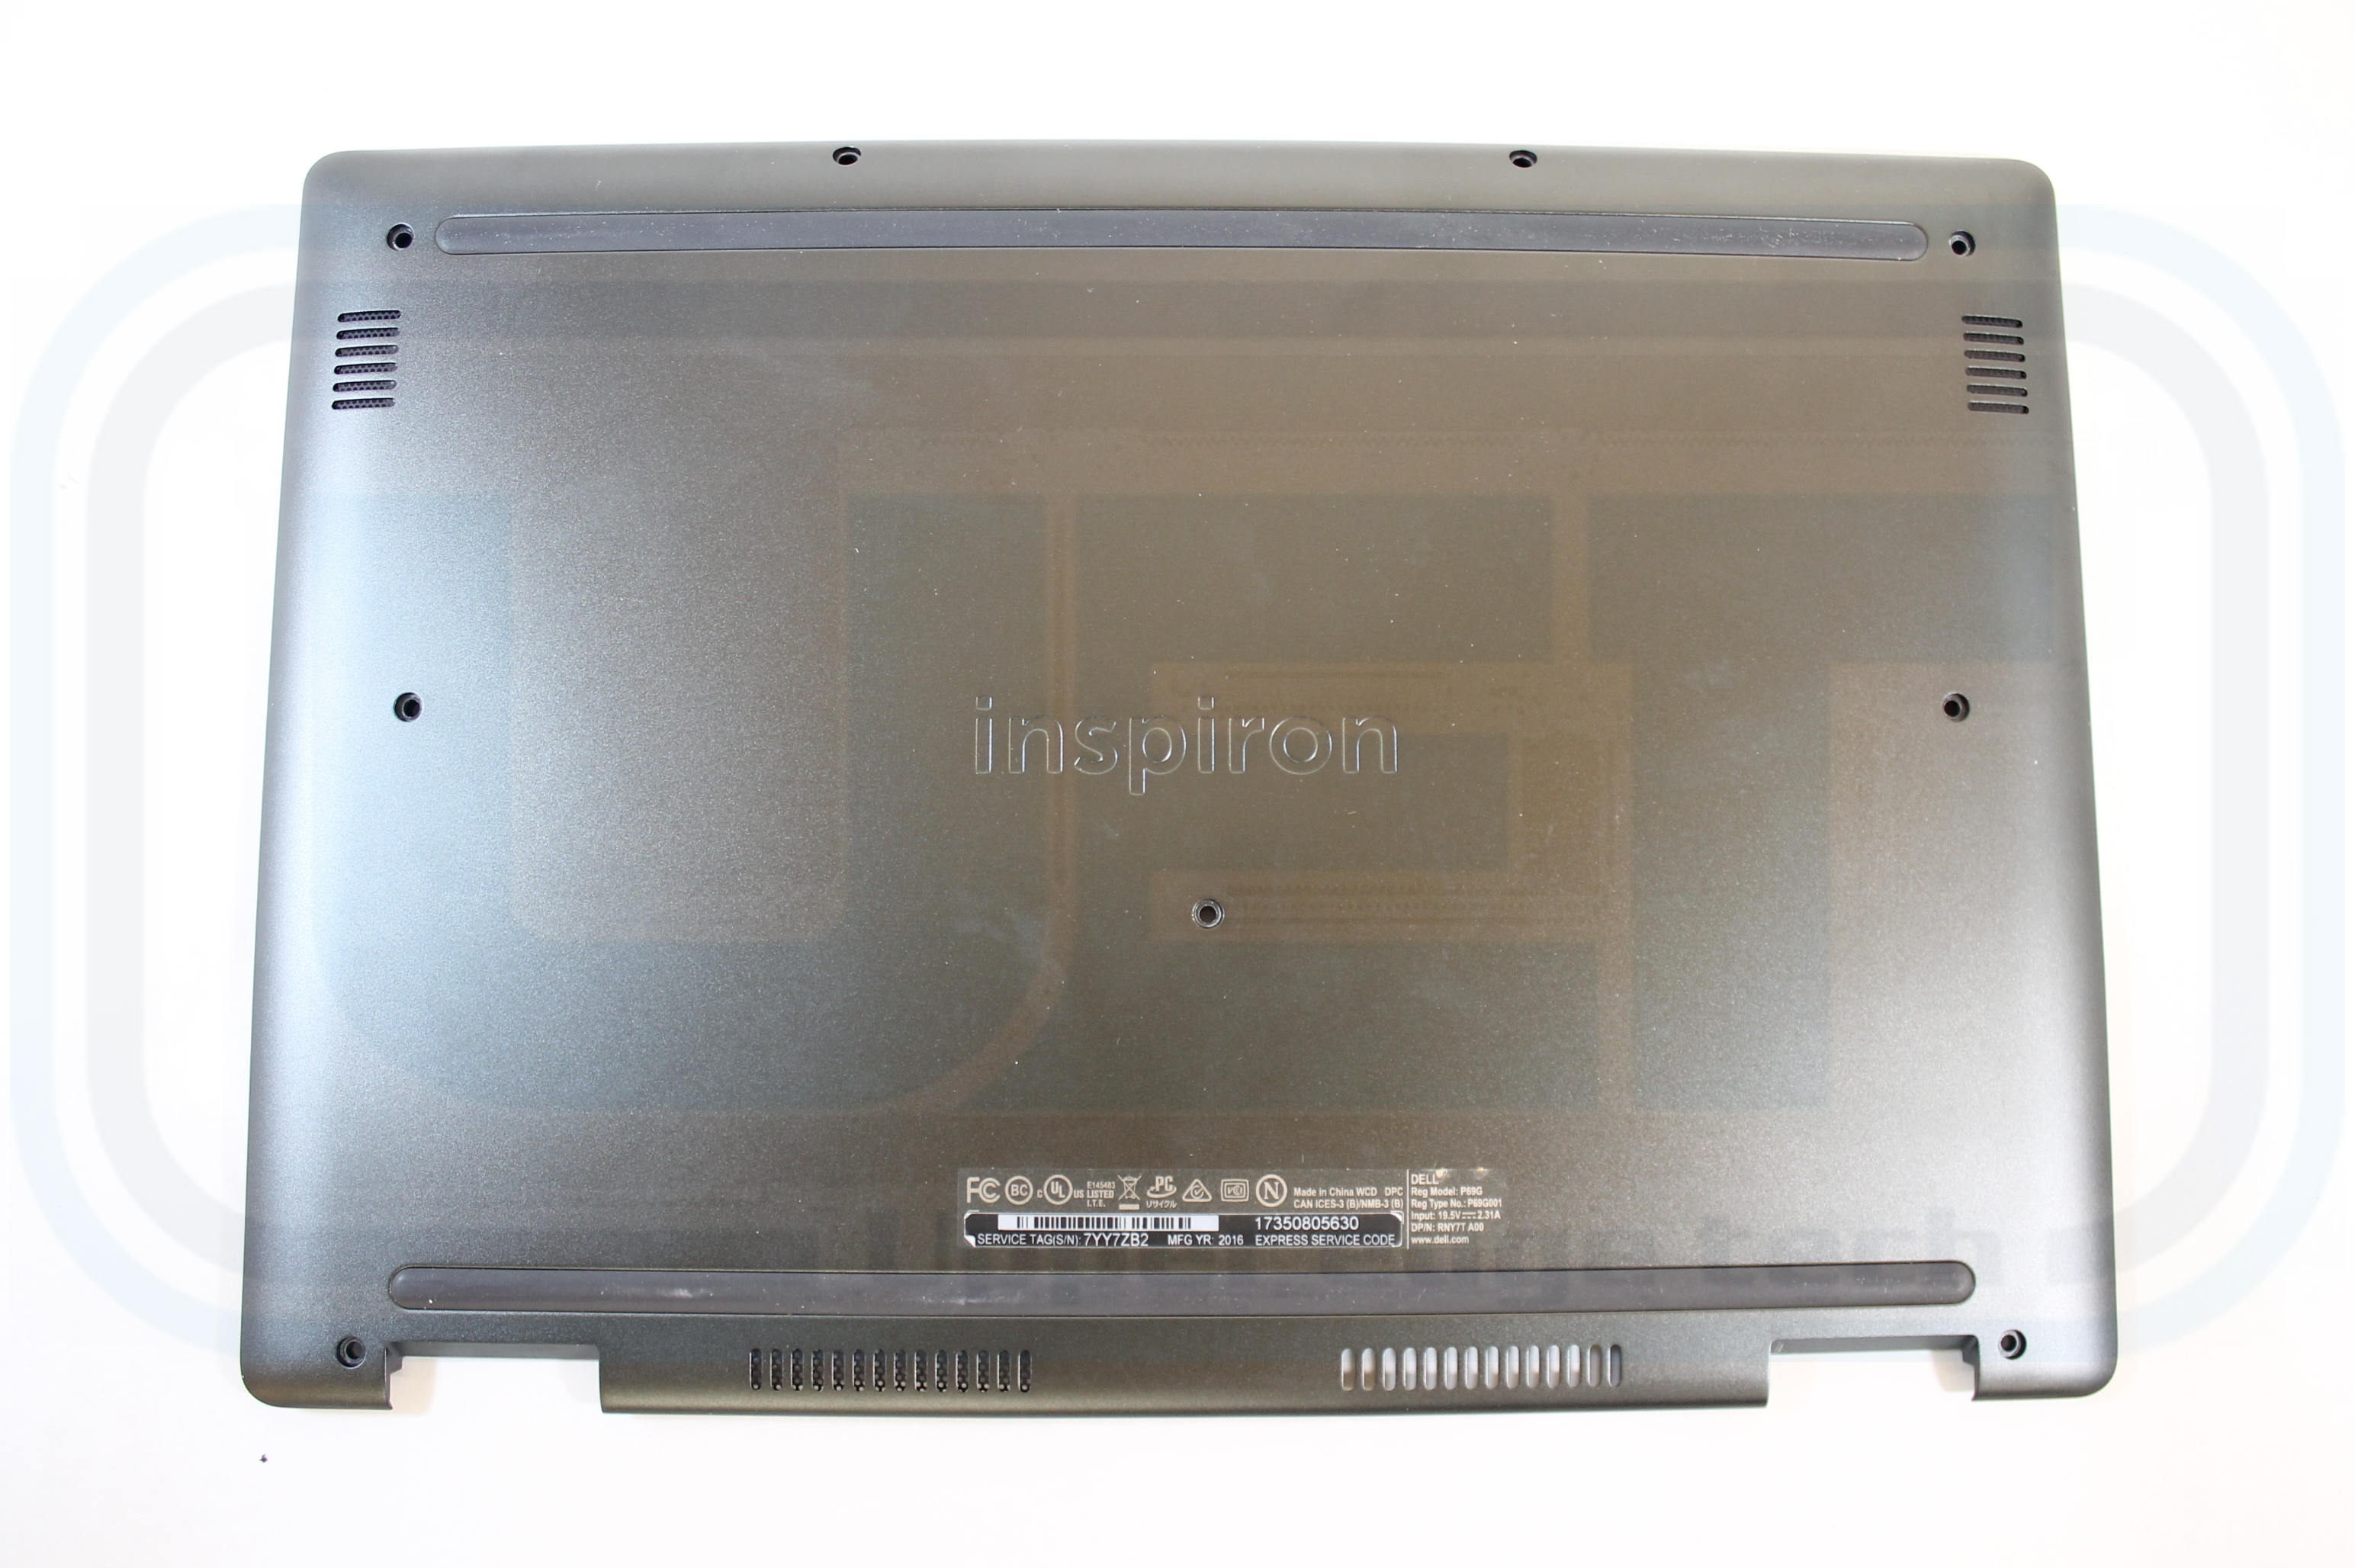 Dell Laptop Base GGVH1 Gray 460 07S01 0002 Inspiron 7368 Grade B